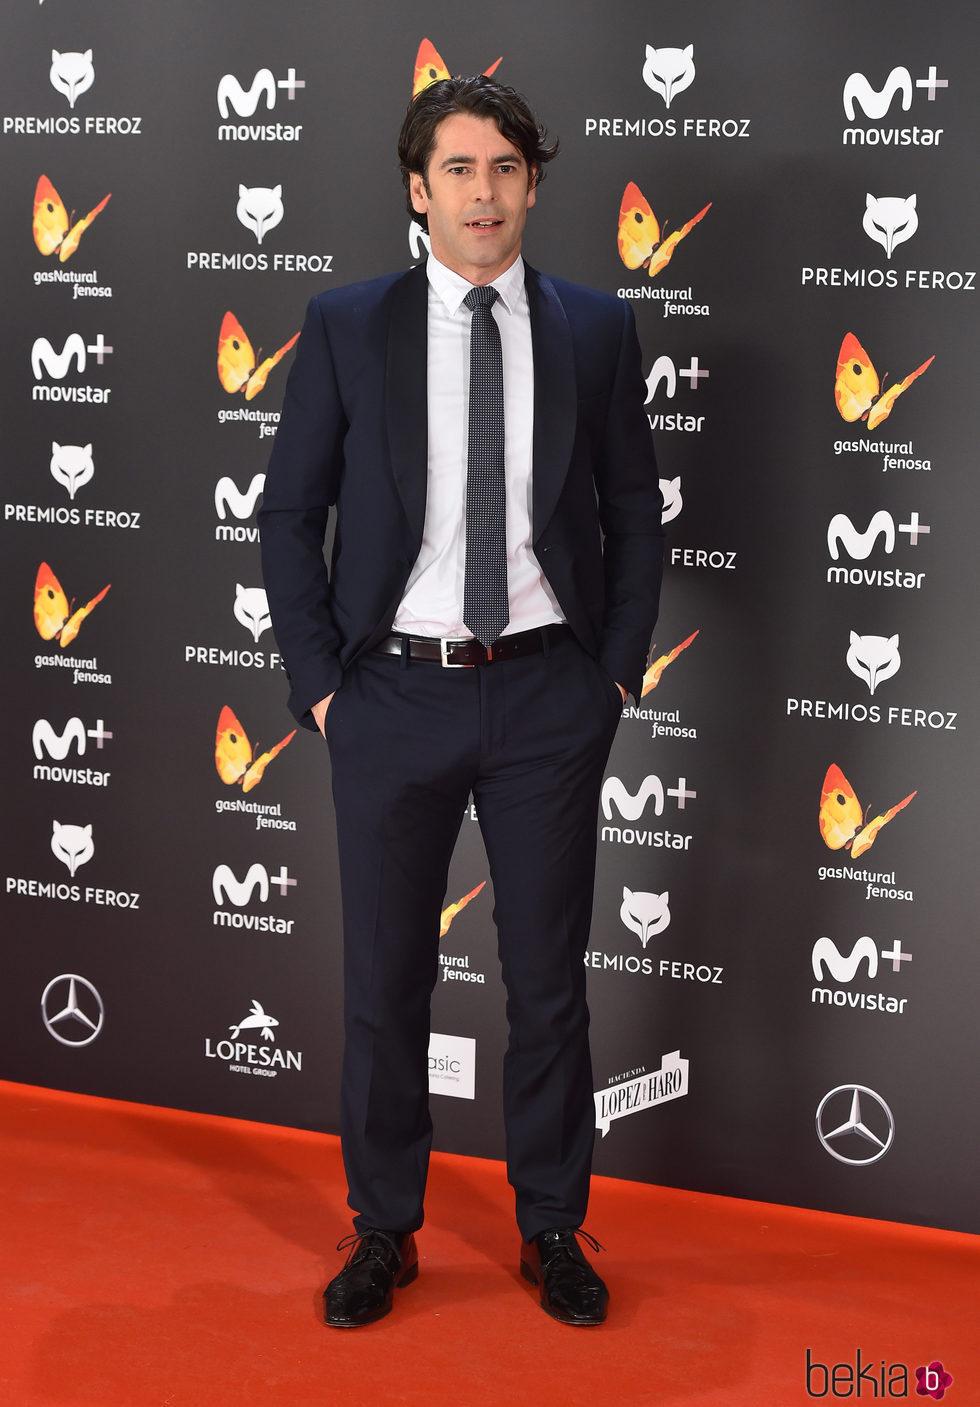 Eduardo Noriega en la alfombra roja de los Premios Feroz 2017